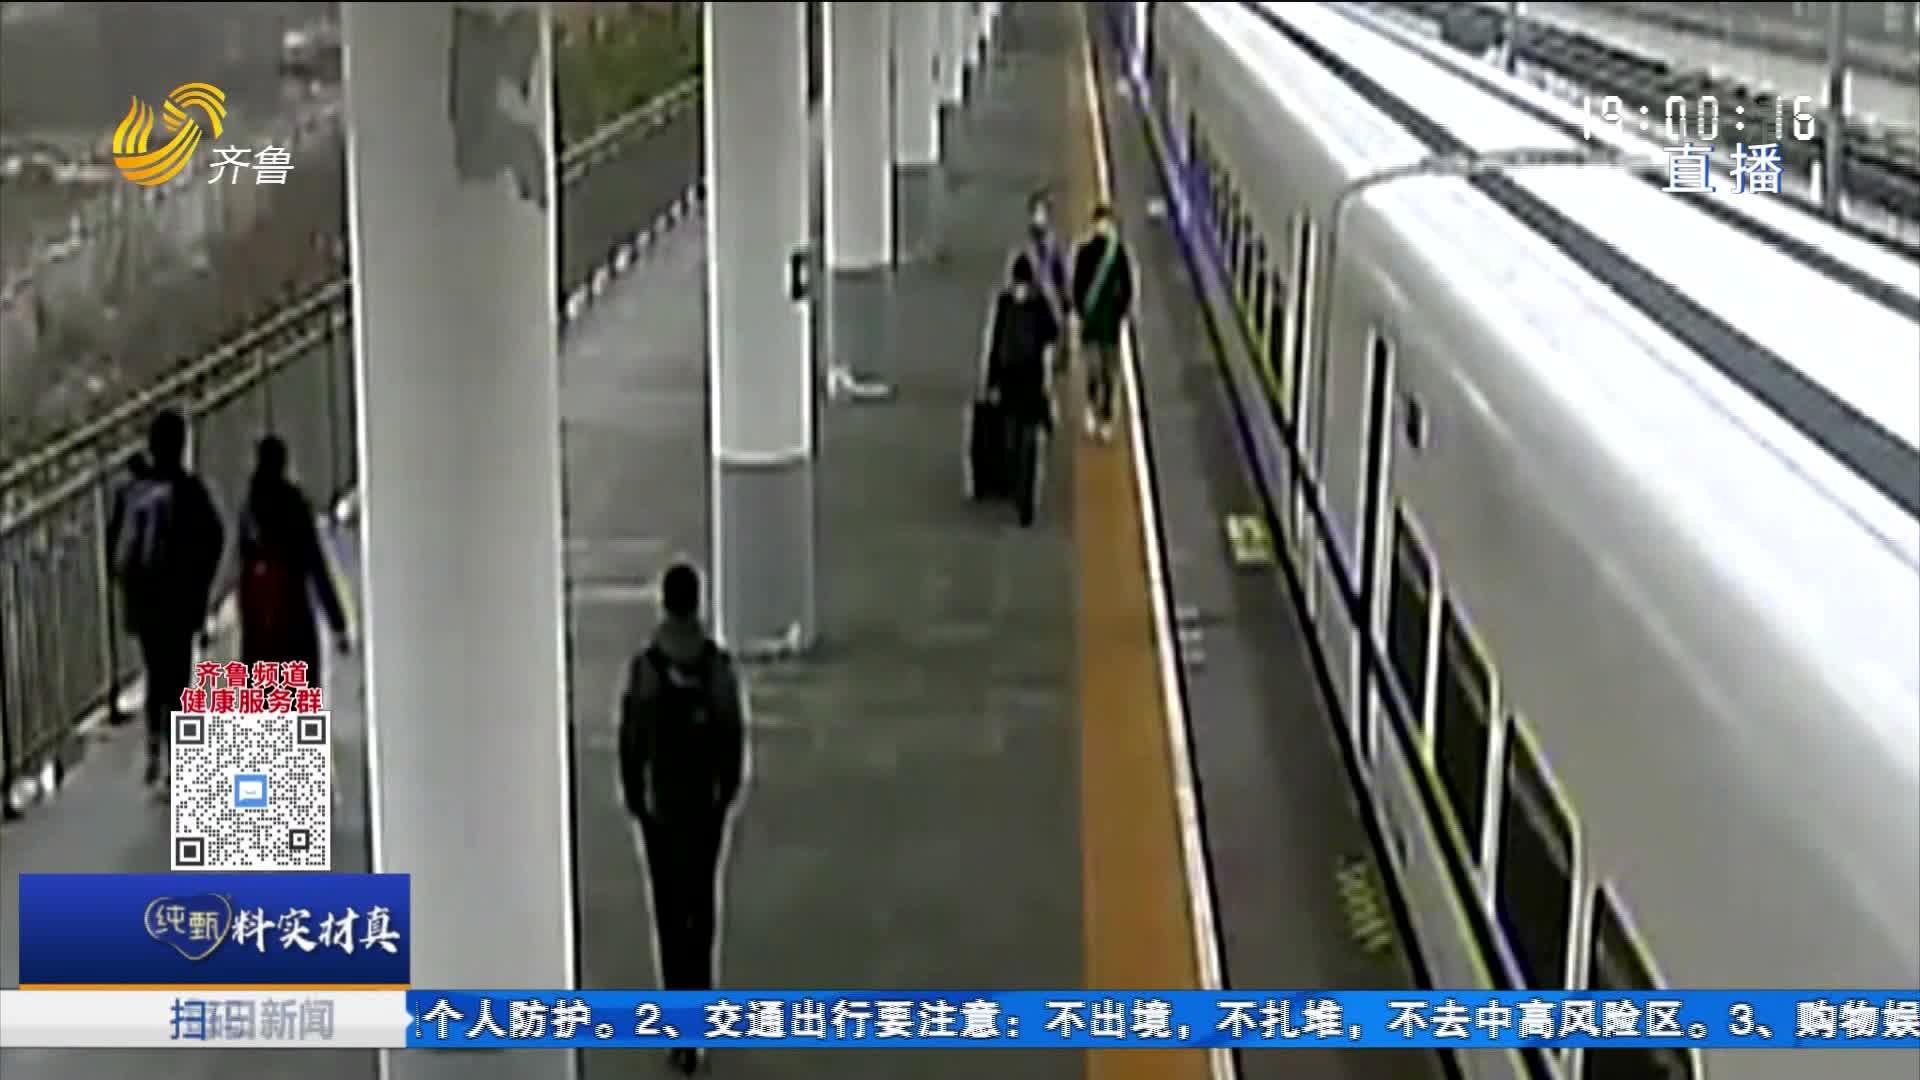 坐高铁行李箱被盗 青岛乘警跨省追回